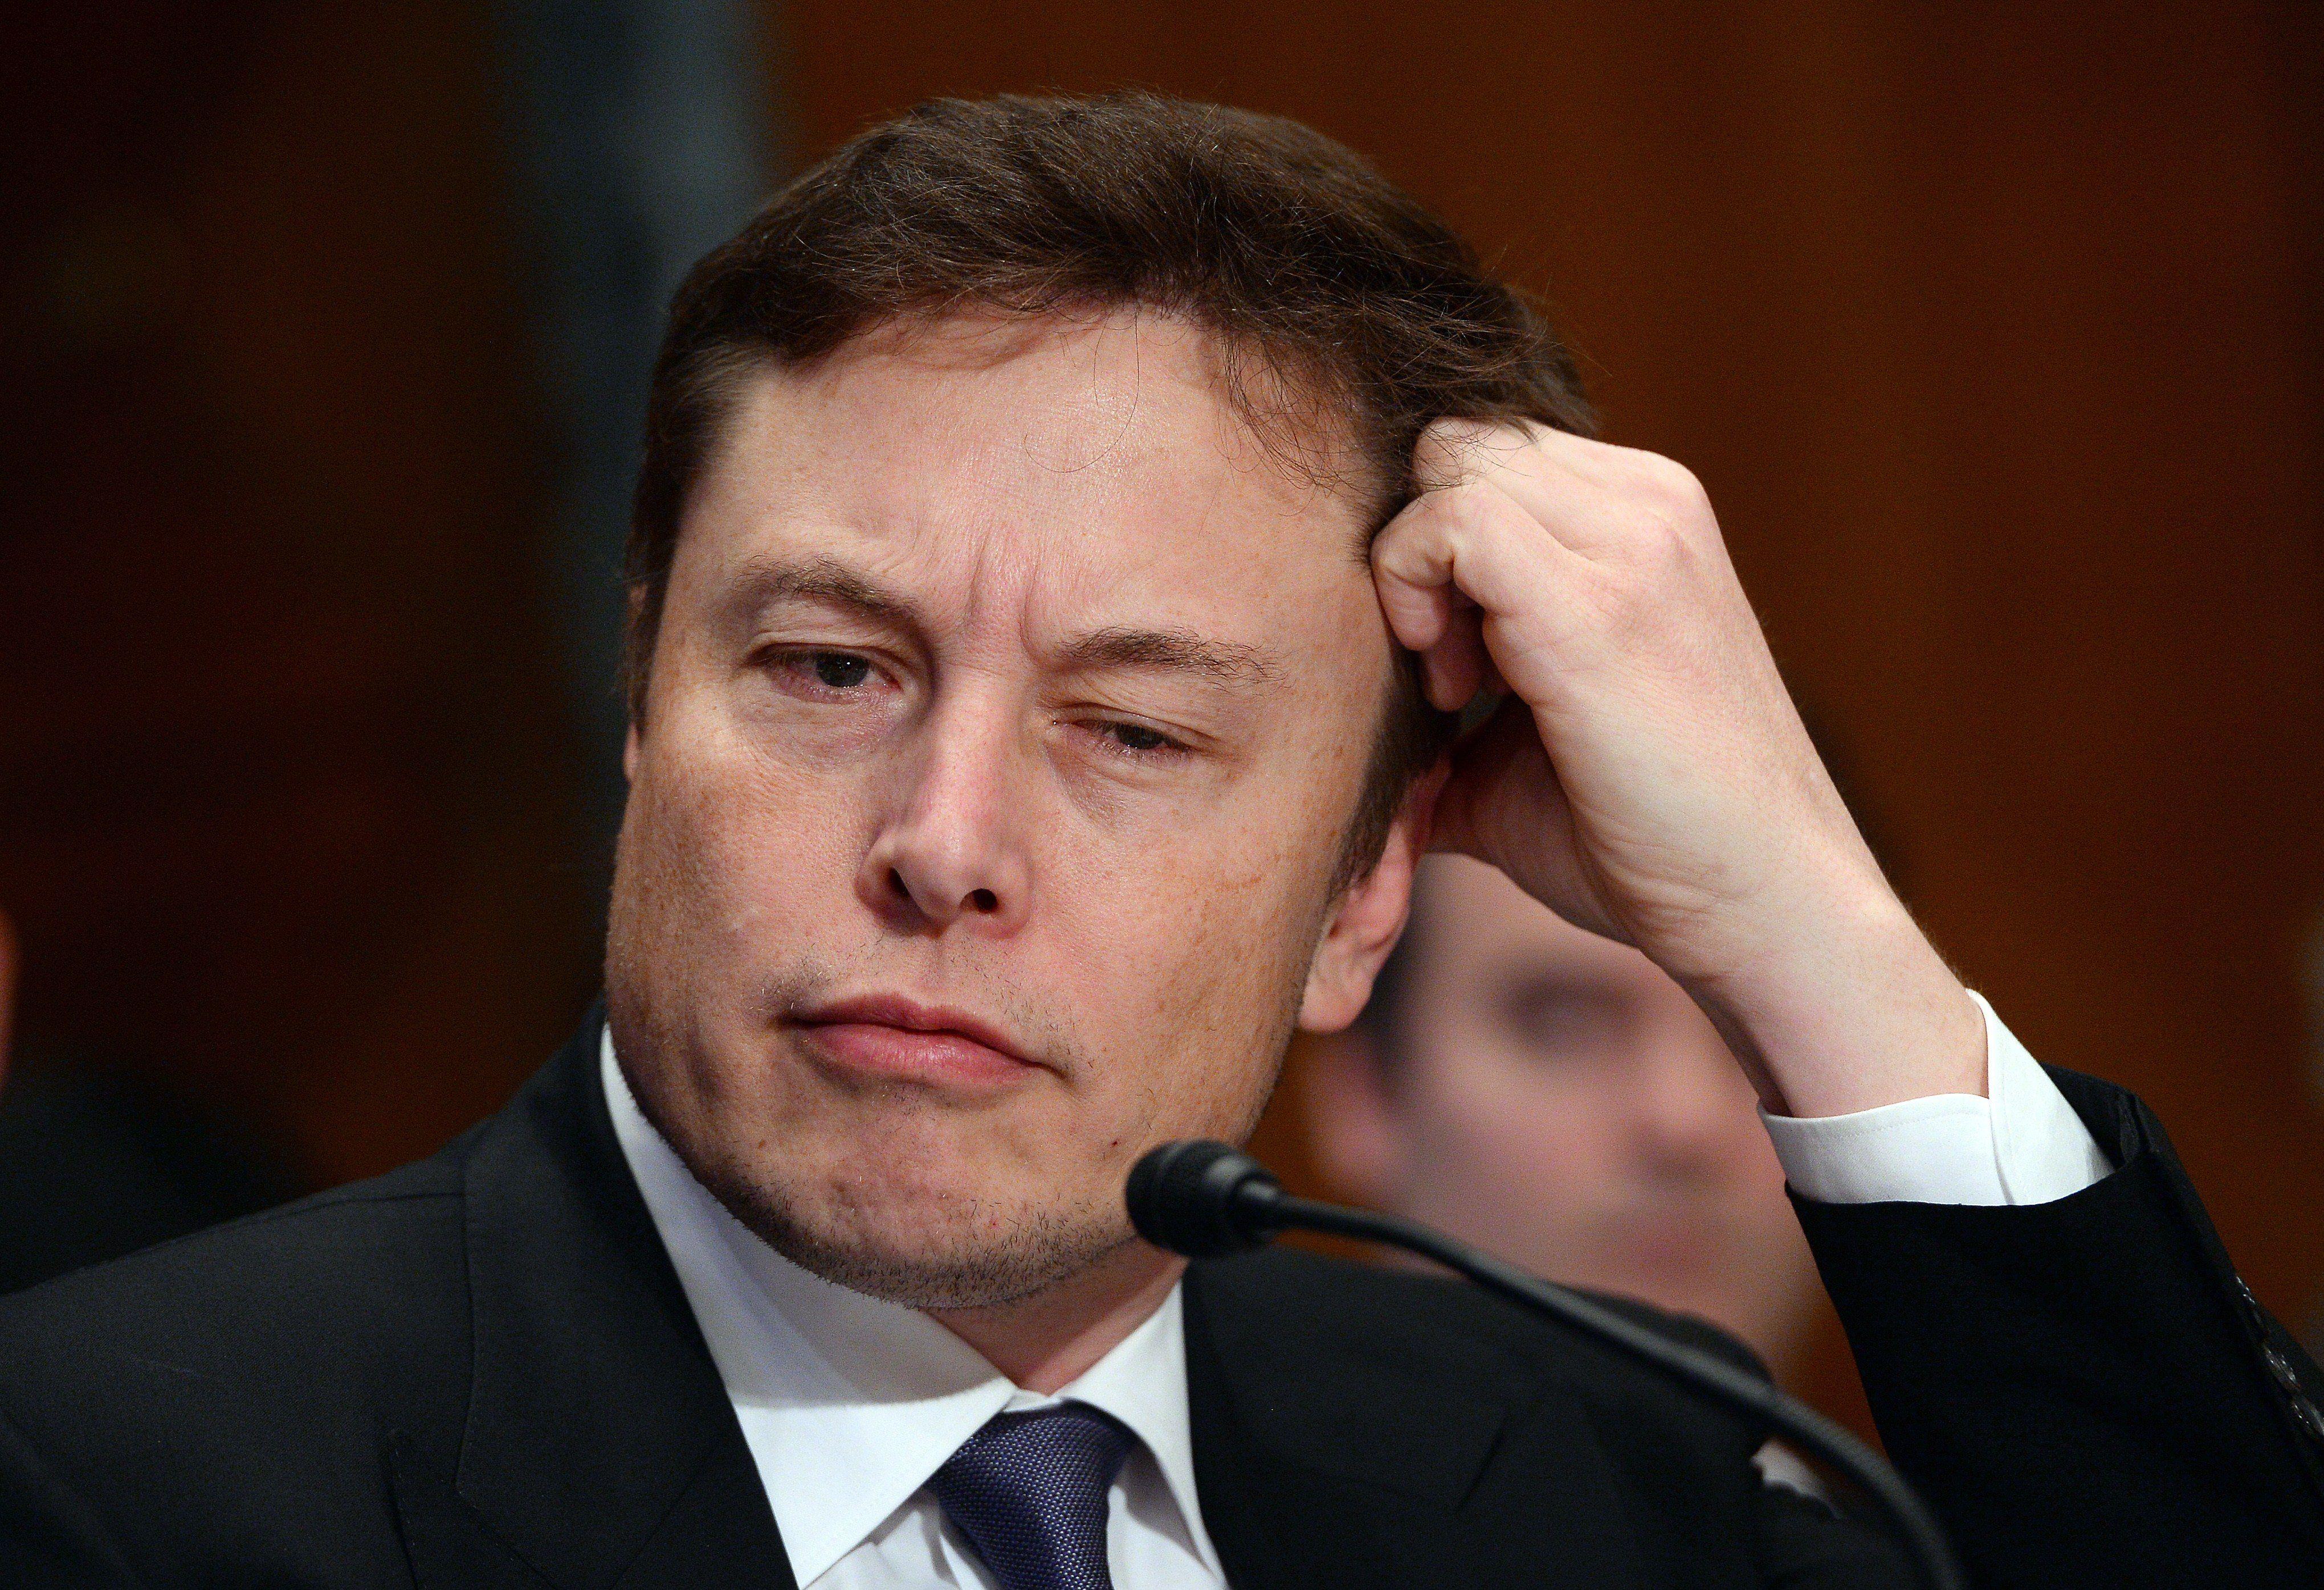 Elon Musk to drugi najbogatszy cz³owiek ¶wiata. Wyprzedzi³ Zuckerberga i Gatesa